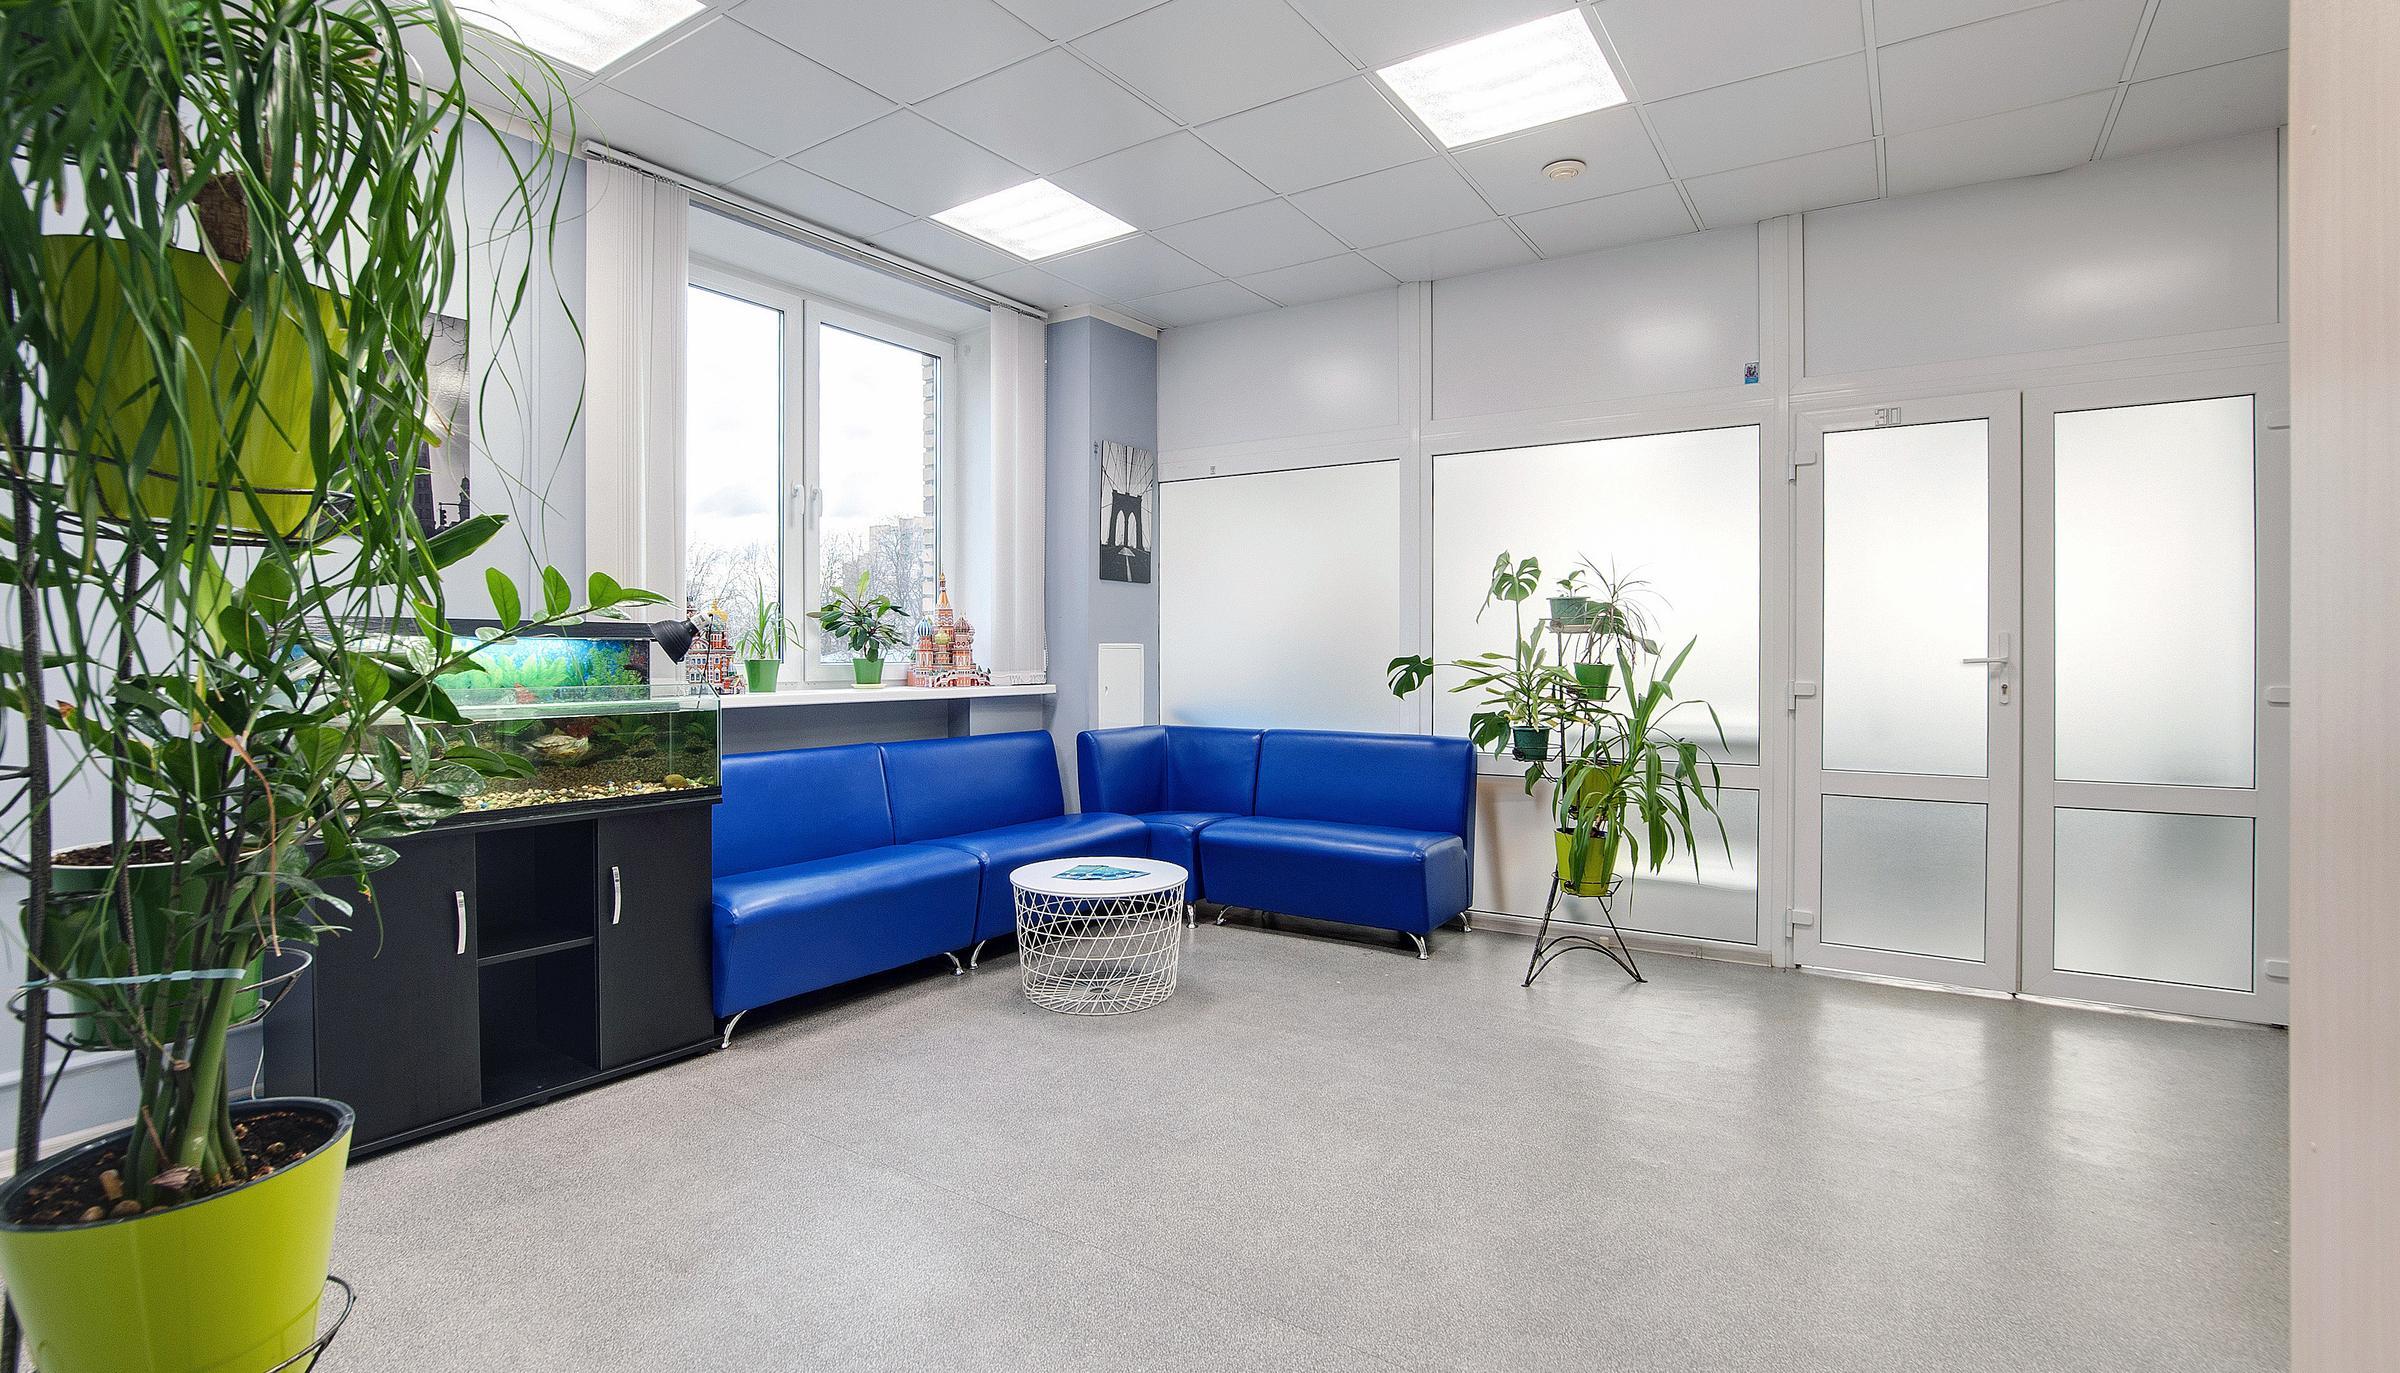 фотография Наркологической клиники Зависимость 24 на улице Габричевского в Покровском-Стрешнево на метро Стрешнево